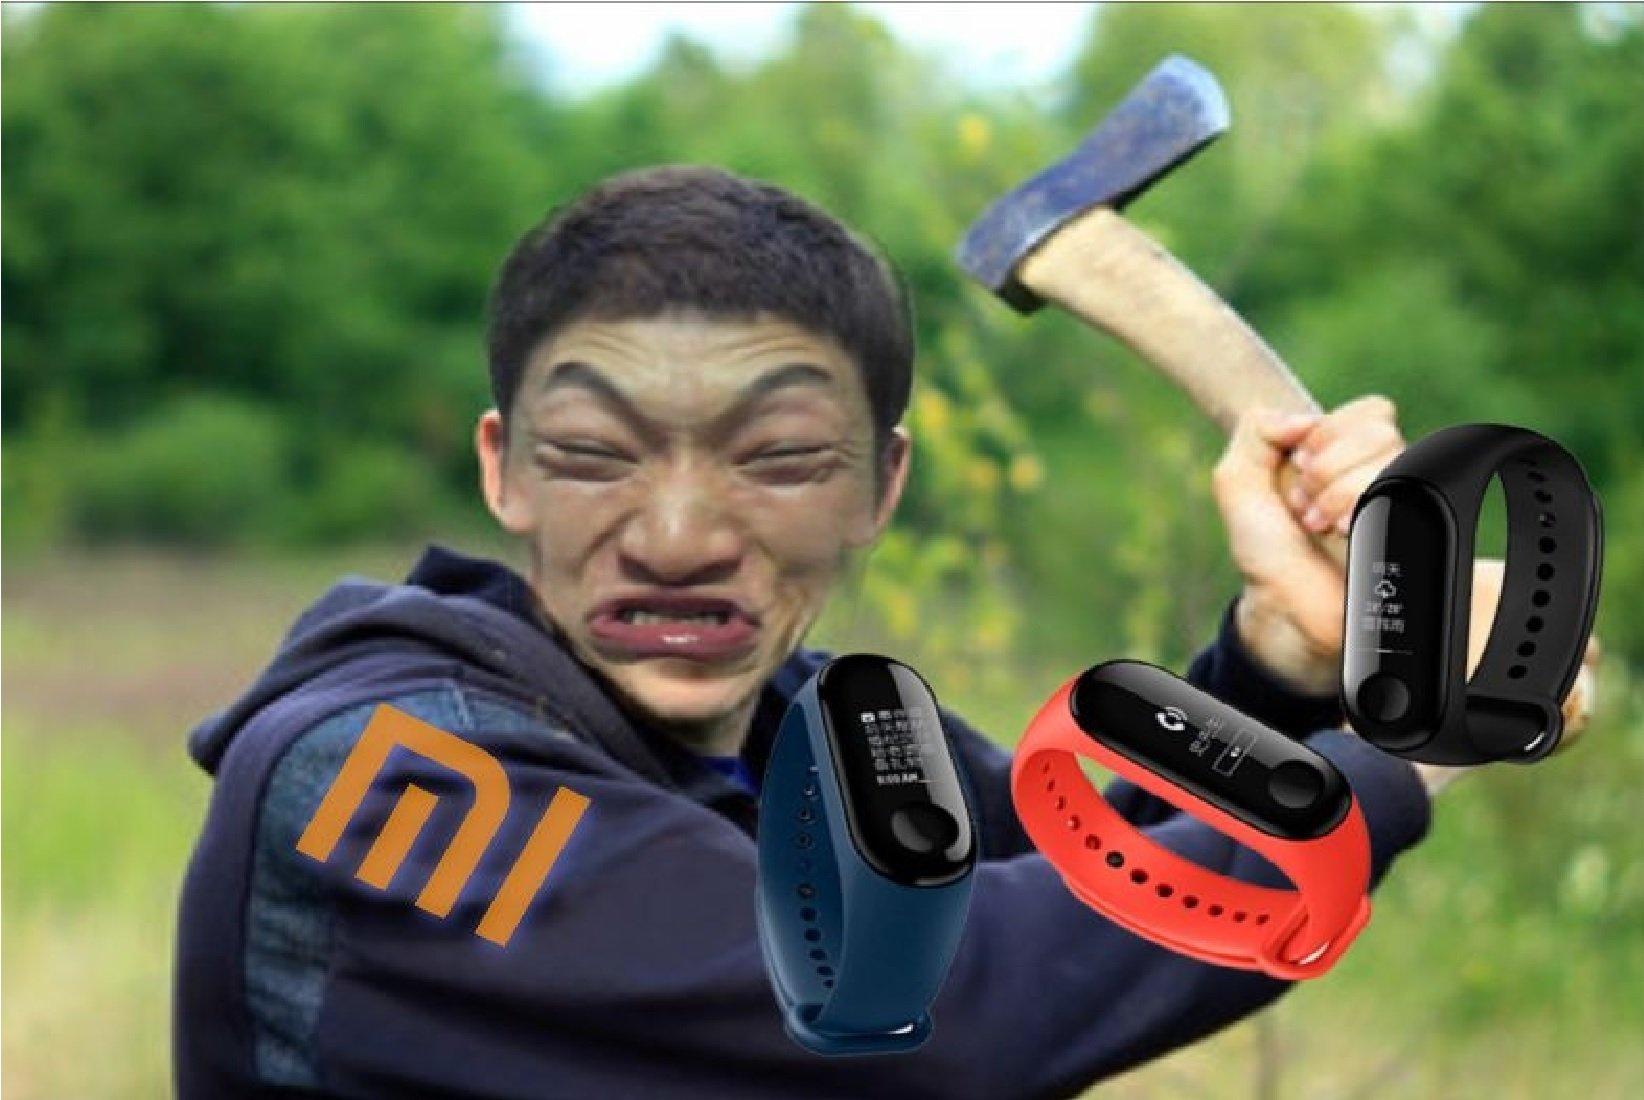 В РФ начались продажи фитнес-браслета Xiaomi MiBand 4